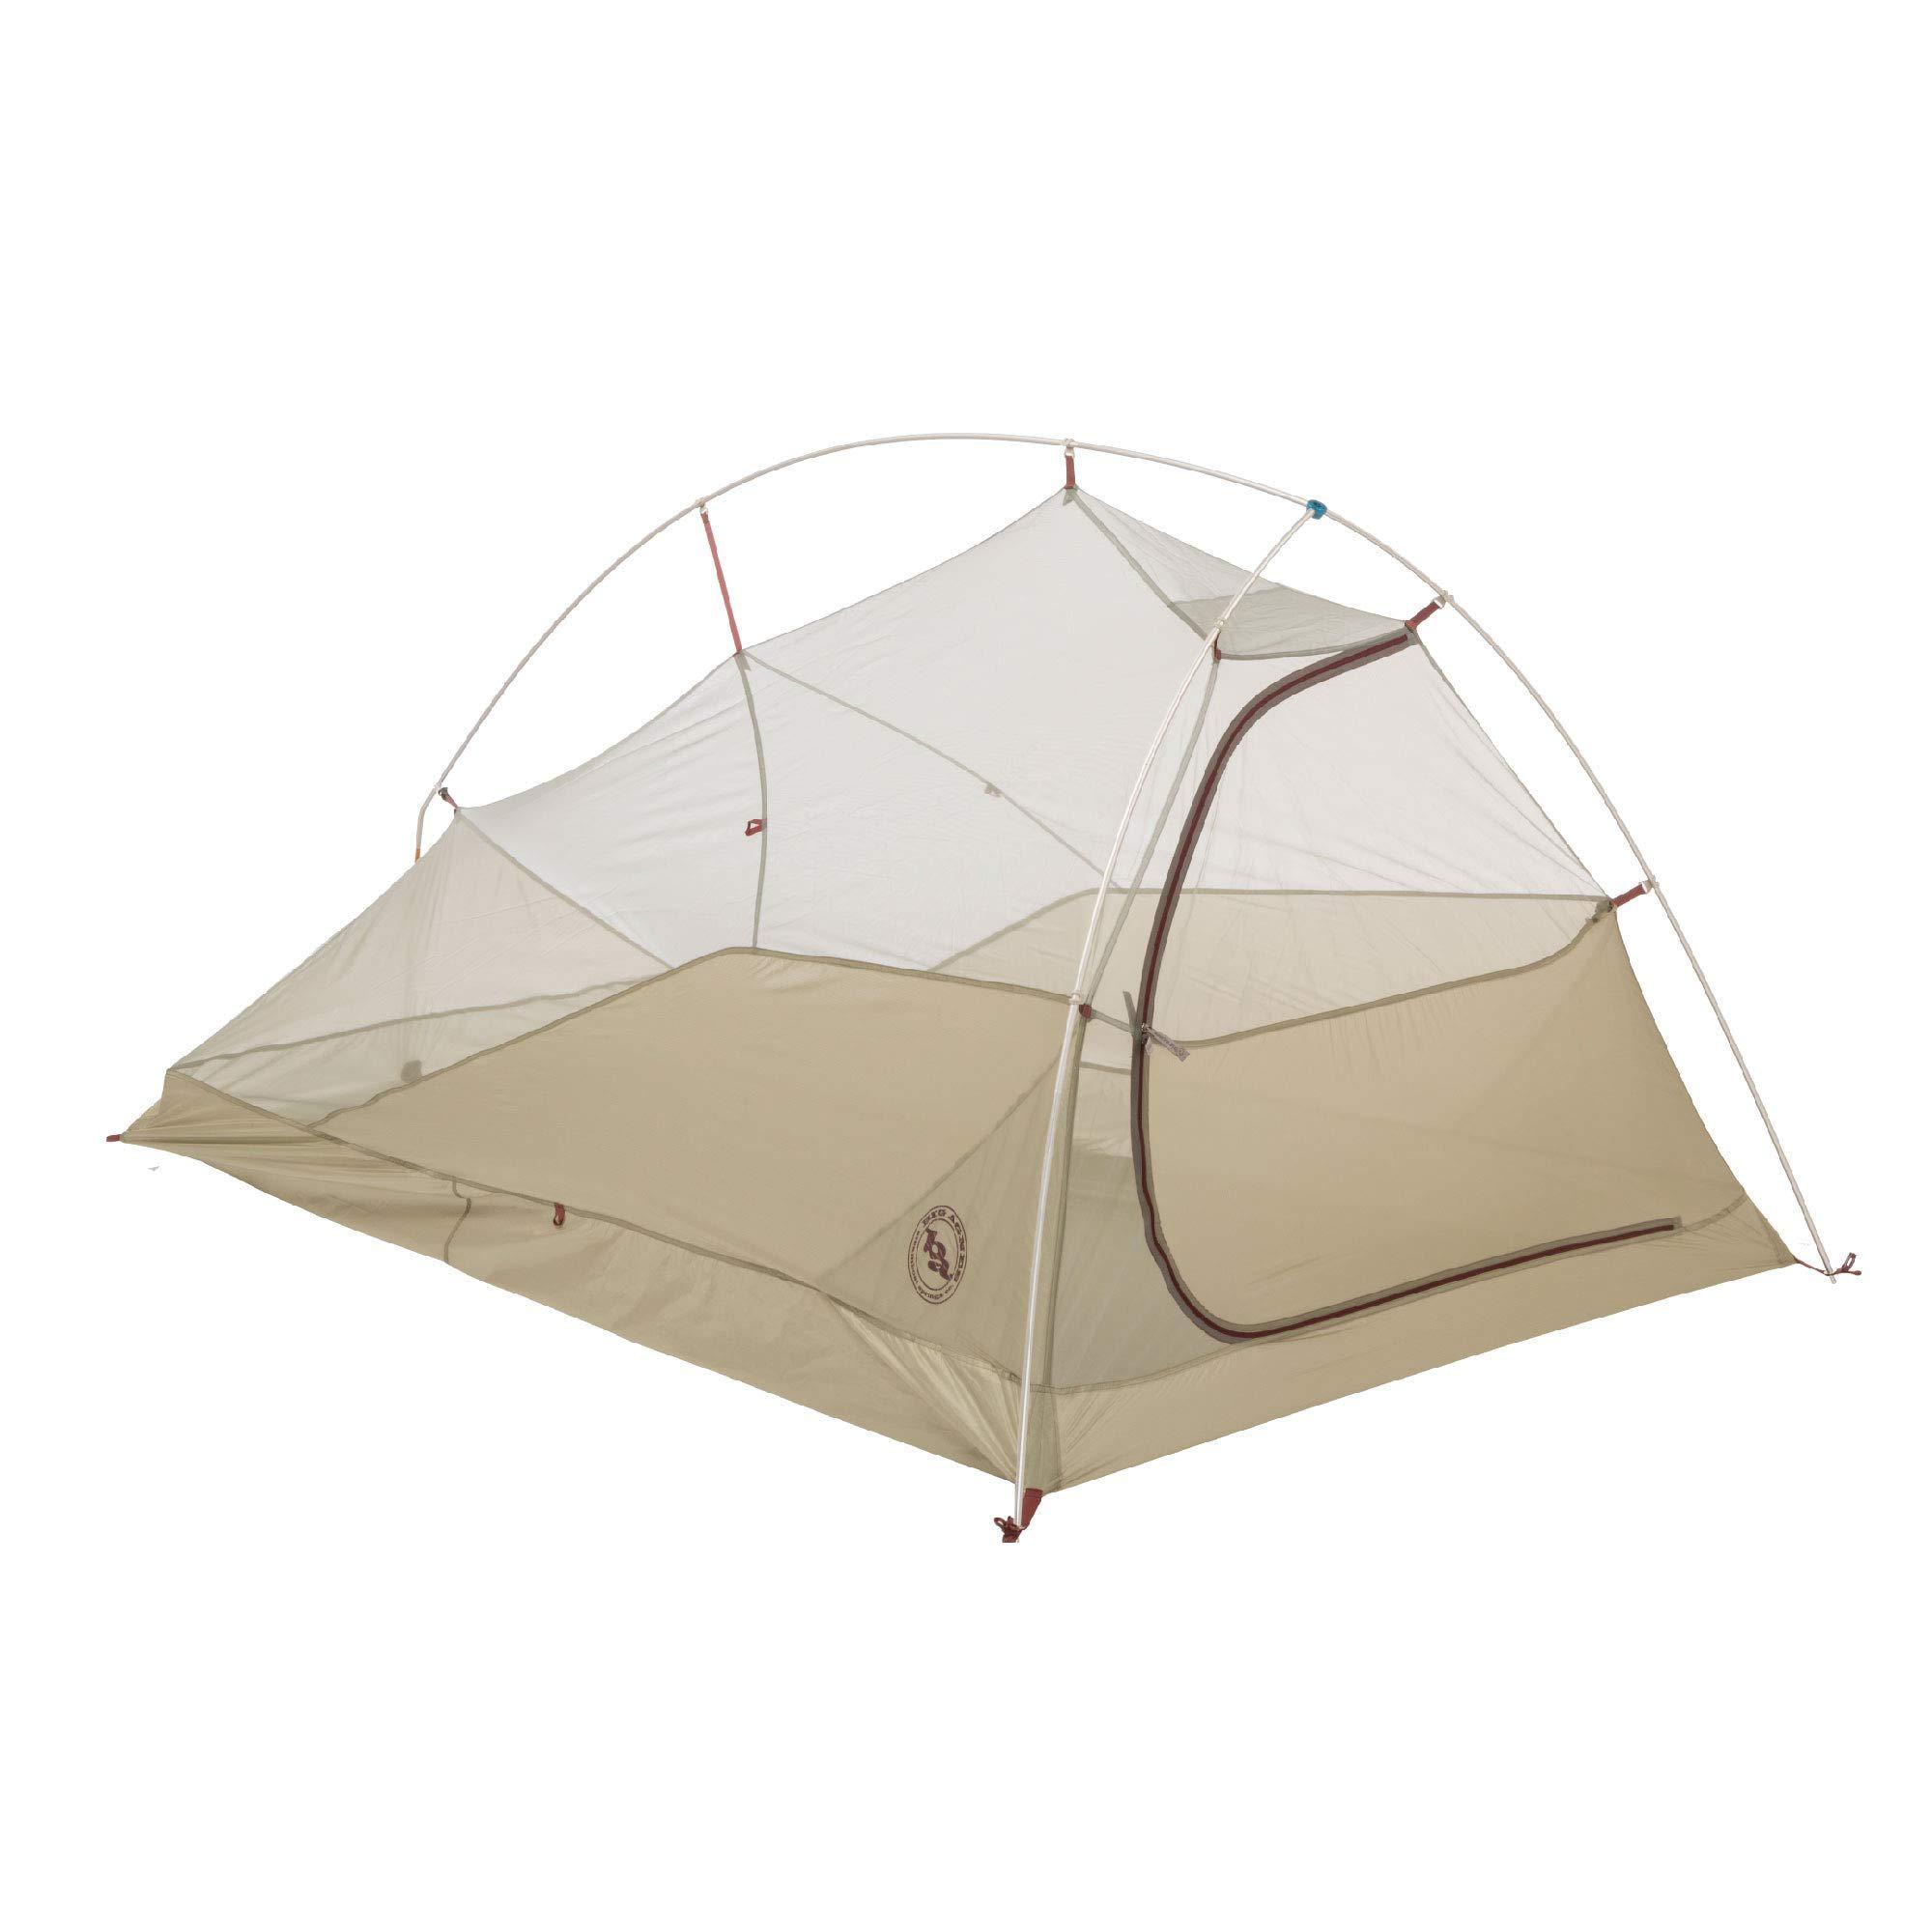 Coleman Instant Cabins vs Big Agnes Fly Creek HV UL Tents (2015 ...